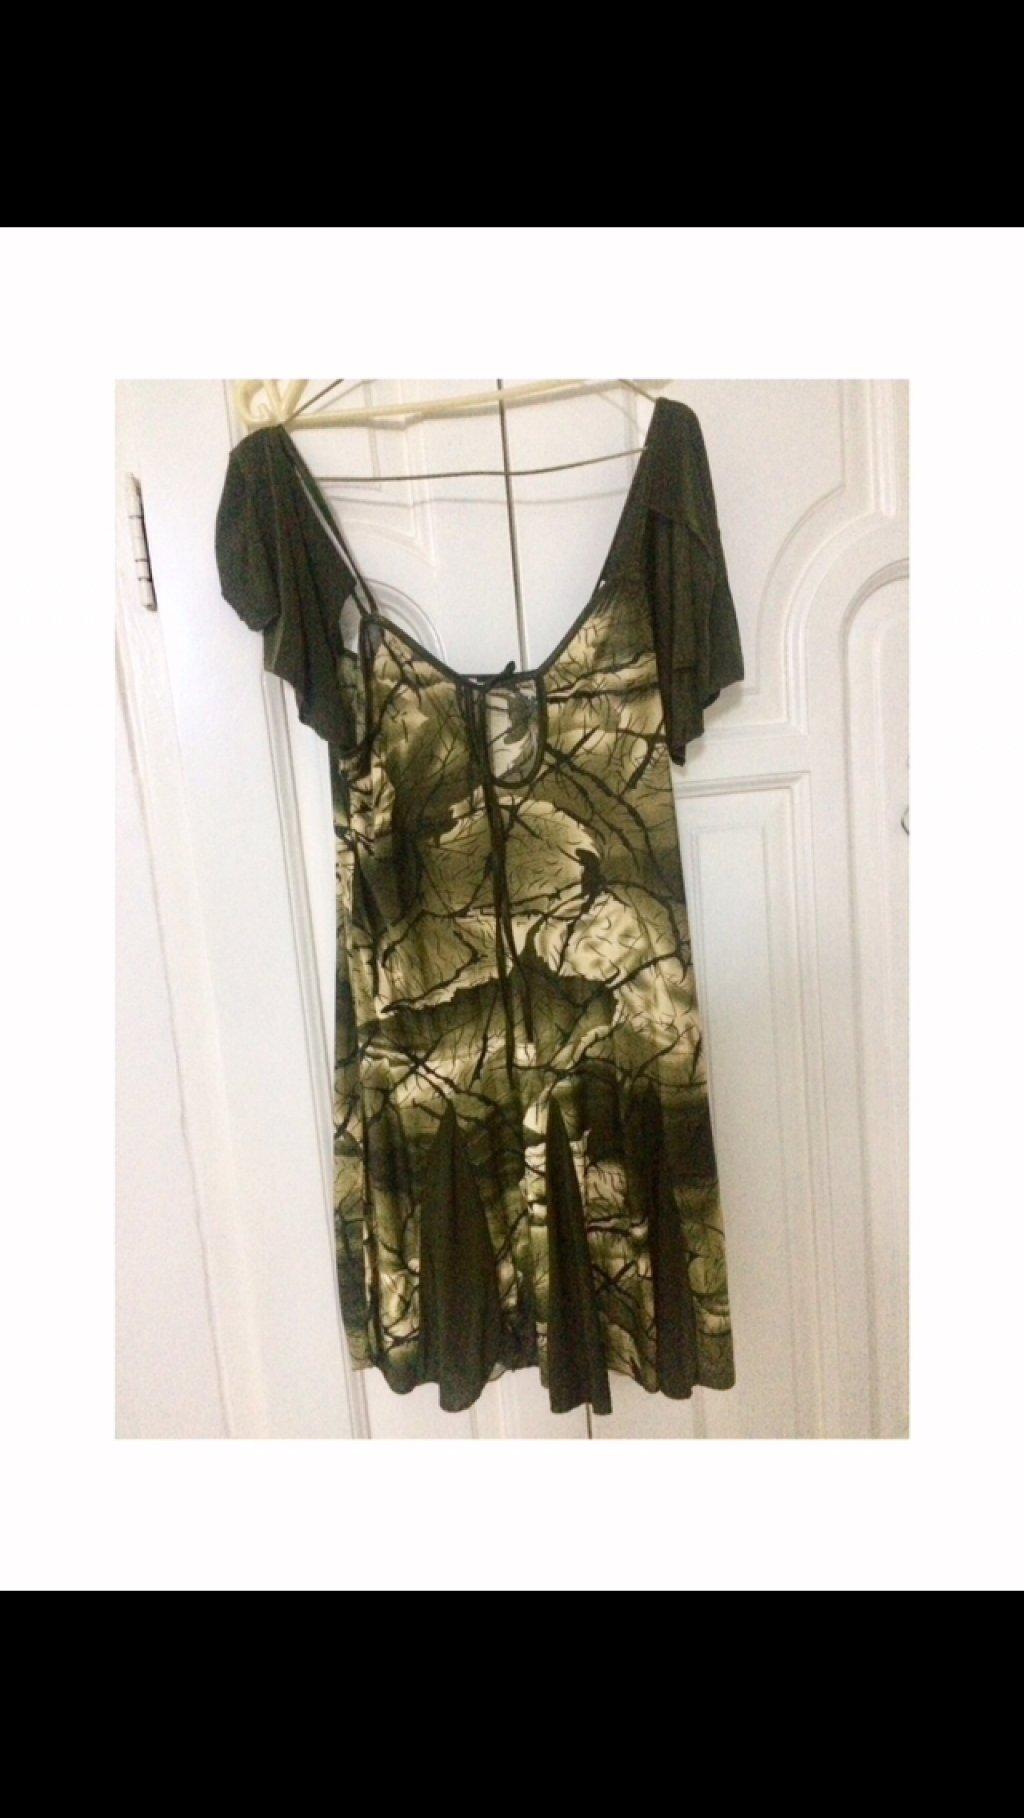 لباس تو خونه سایز ٣٨/٤٠